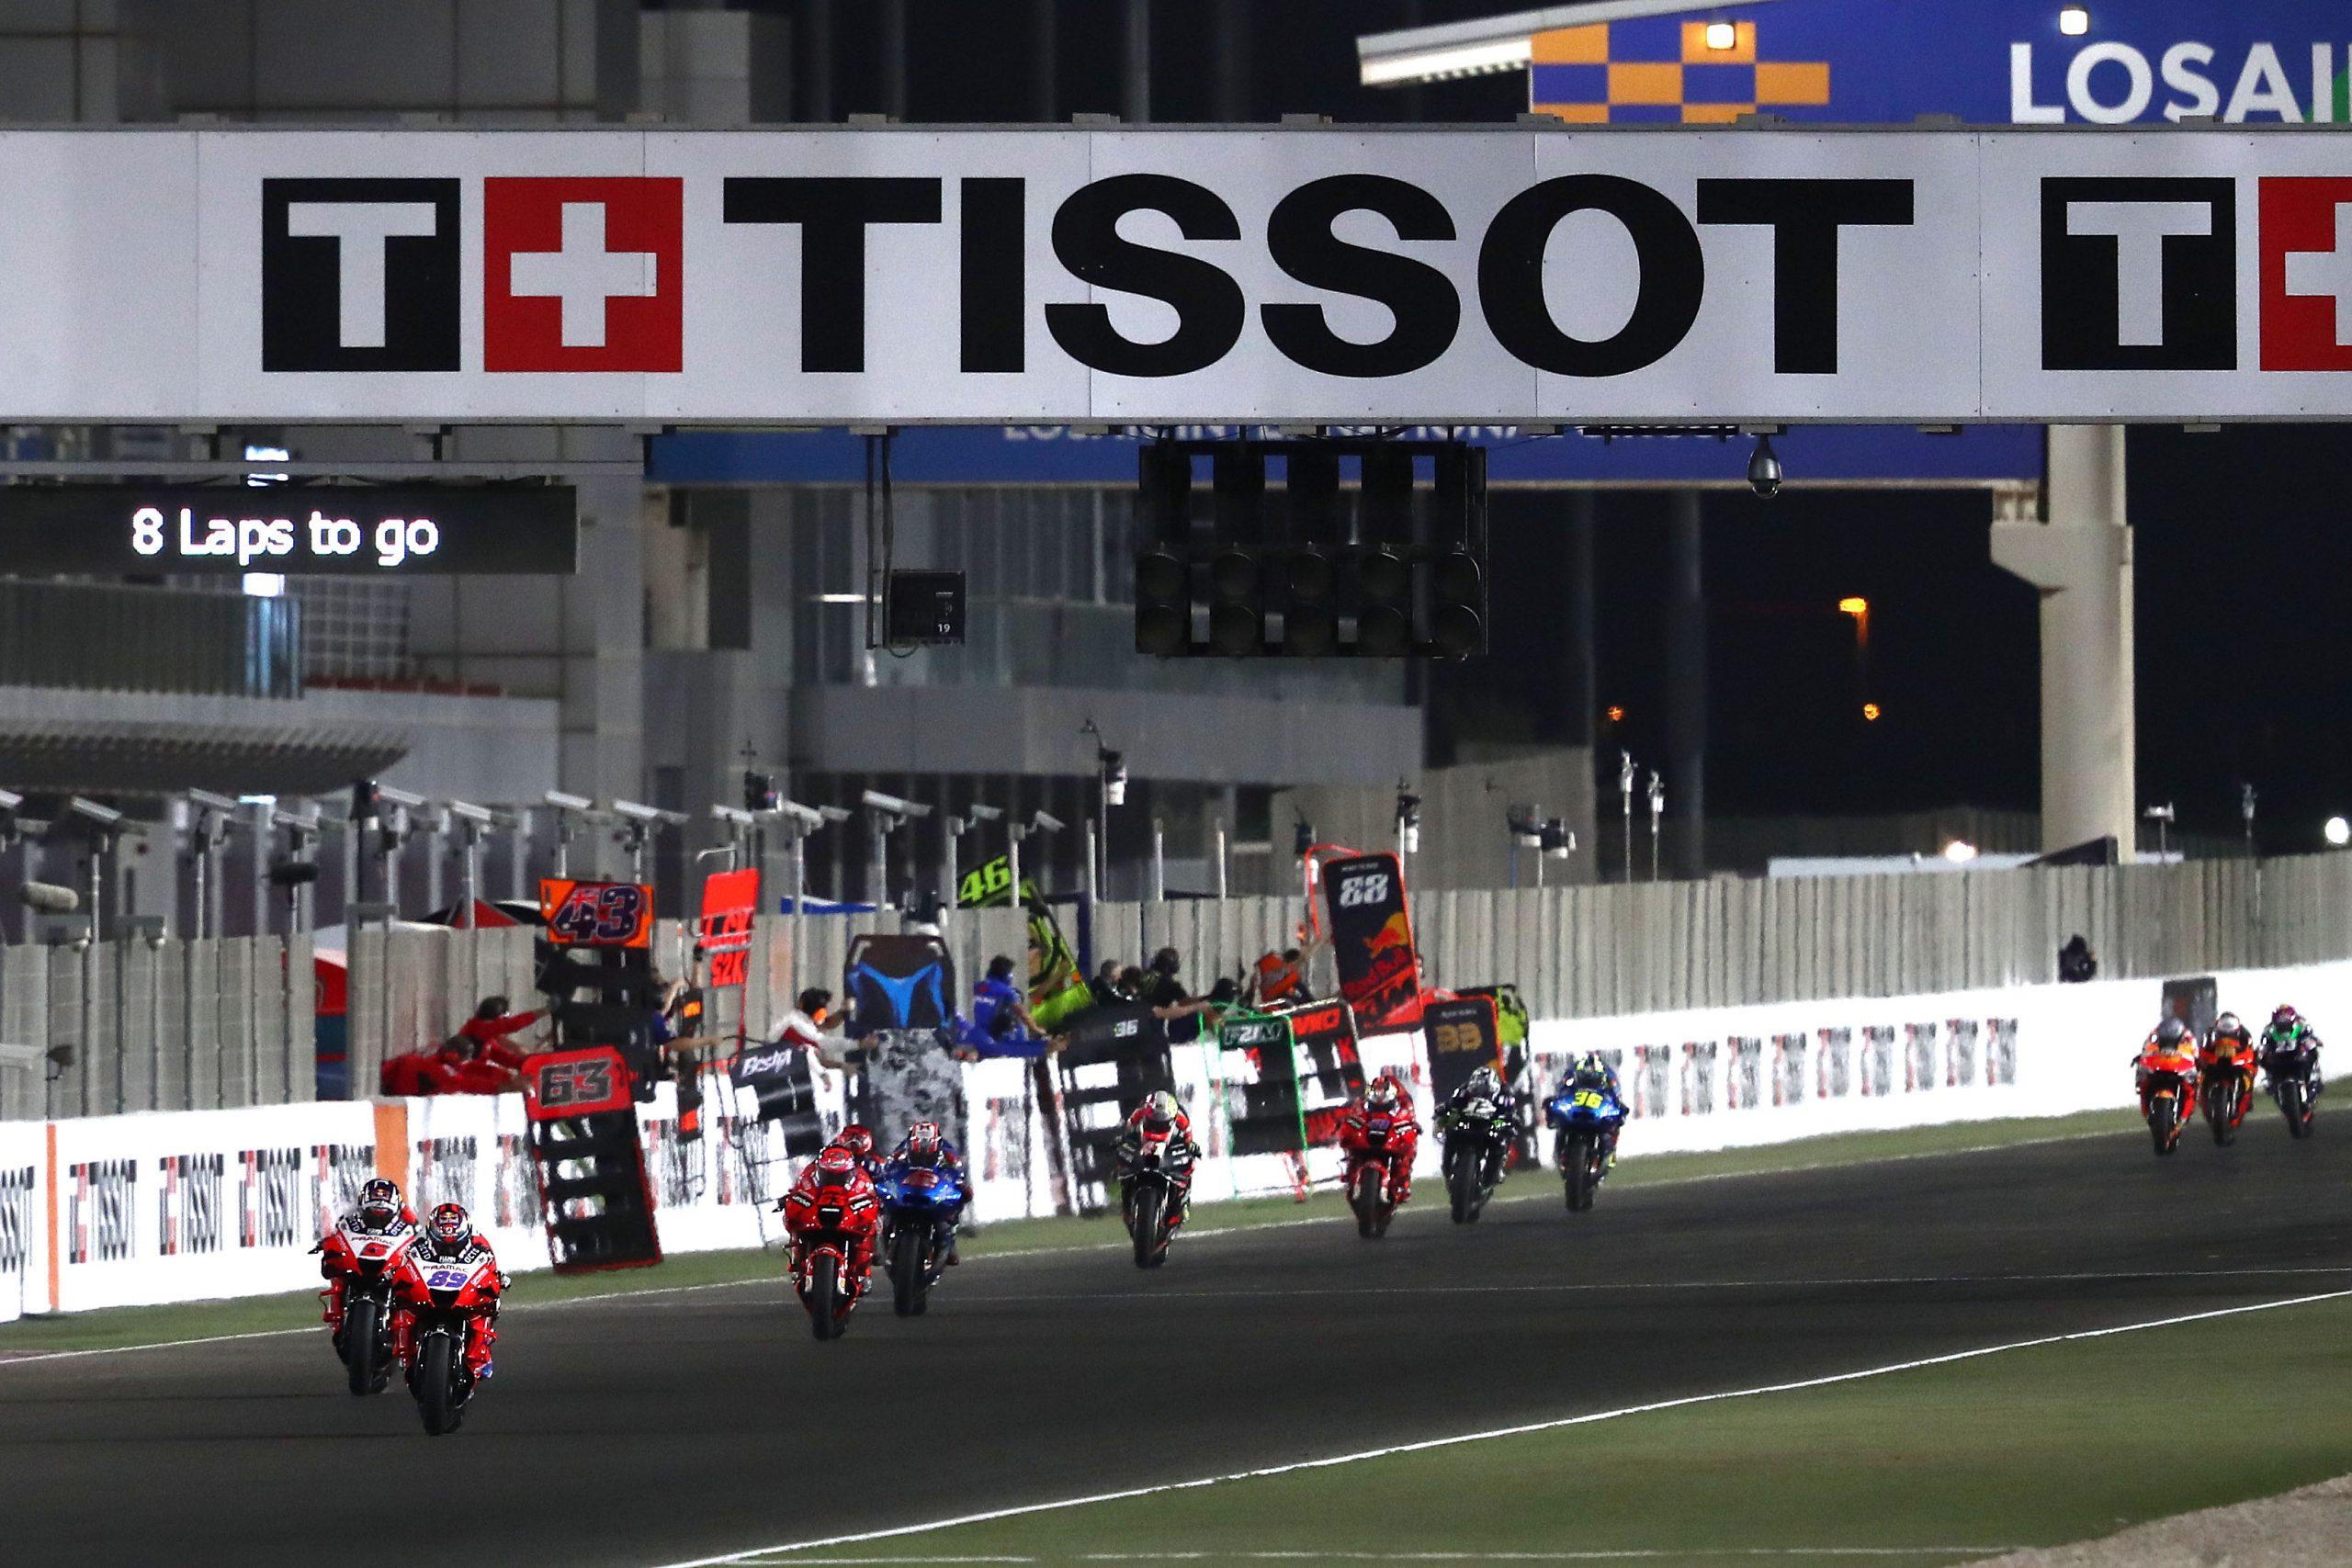 Zawodnicy MotoGP na prostej startowej toru Losail